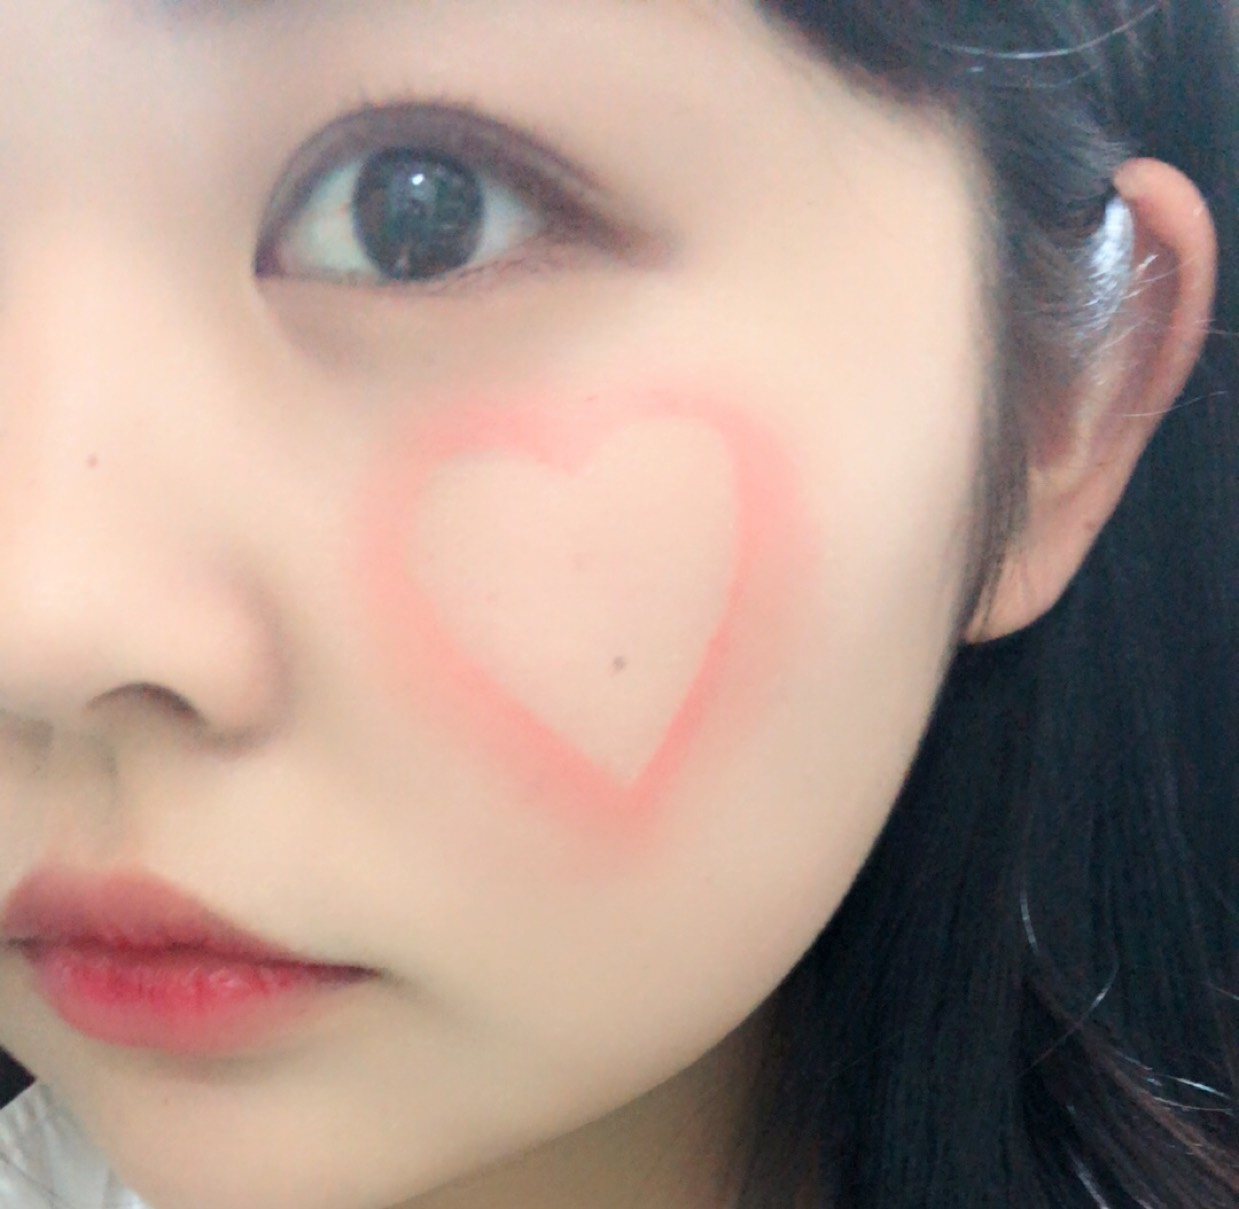 【韓国♡話題沸騰】ハートチーク !周りと差をつける♡のAfter画像